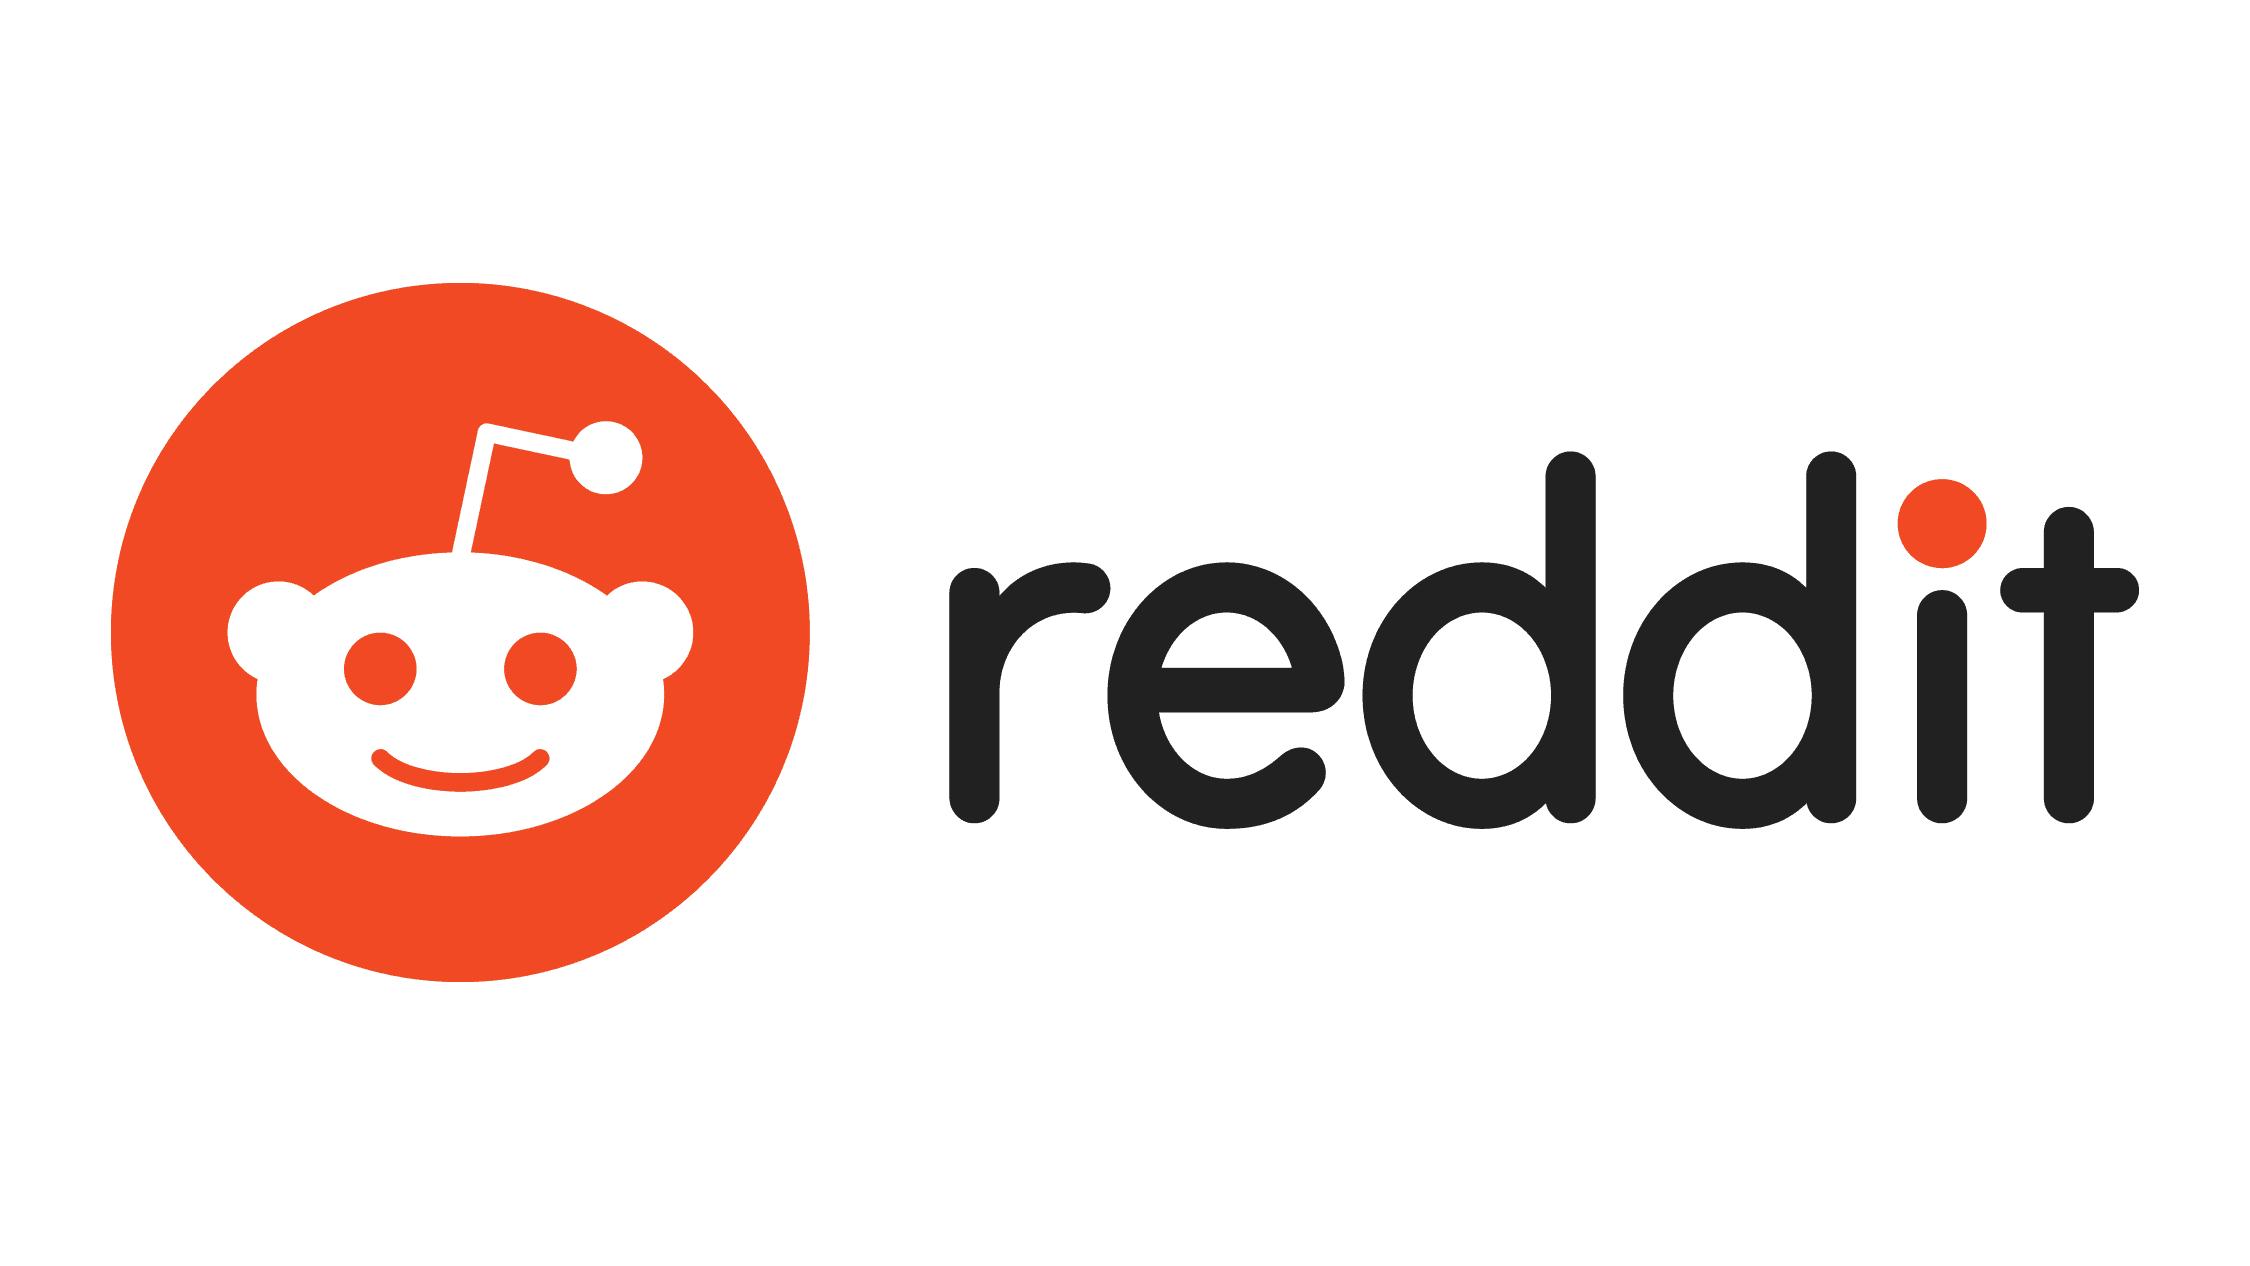 В рамках нового раунда финансирования платформа Reddit привлекла $4 млрд